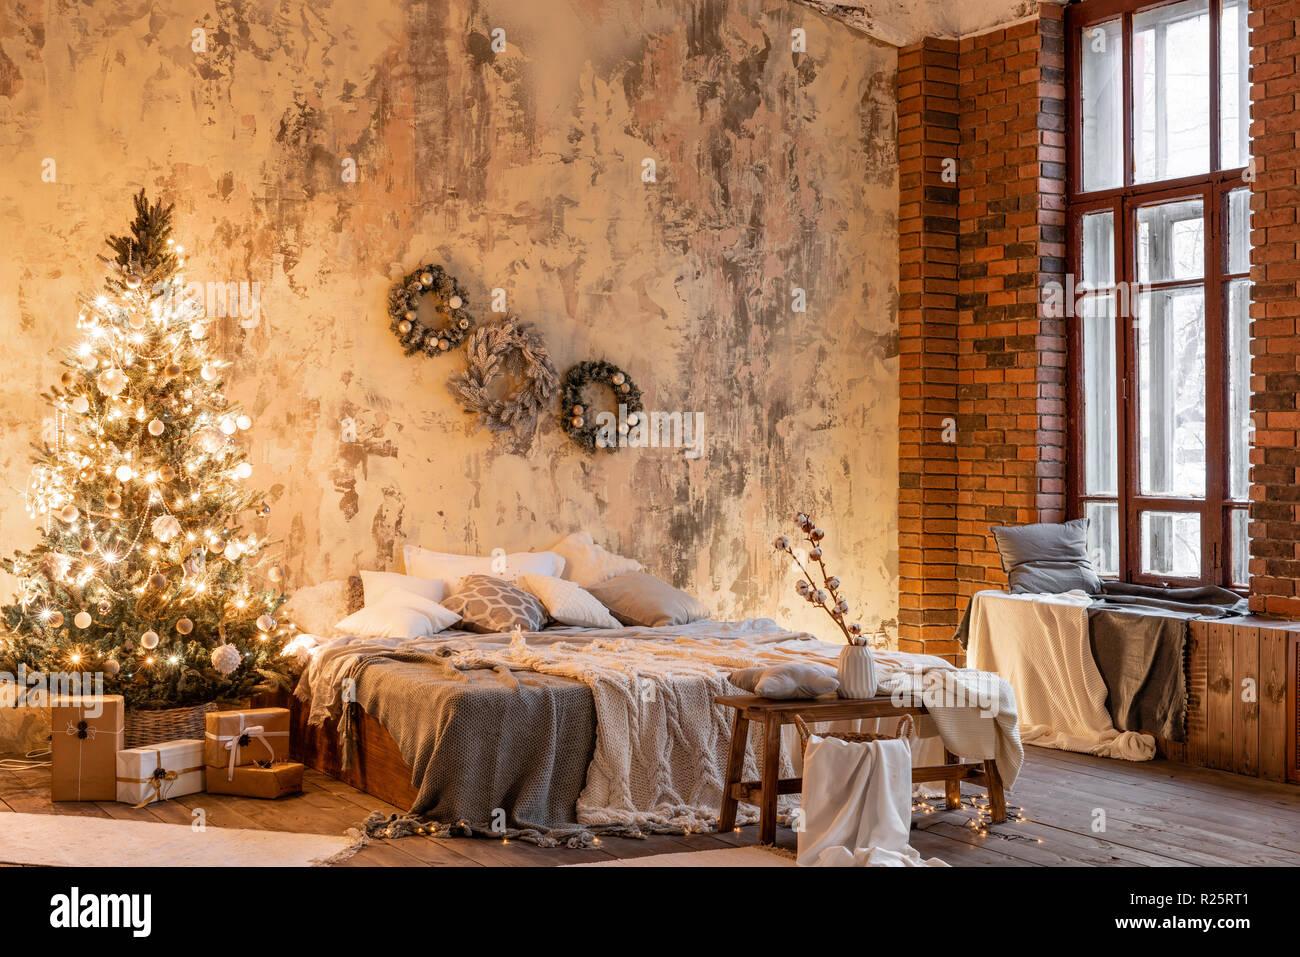 Candele Camera Da Letto : Appartamenti loft un muro di mattoni con candele e con albero di